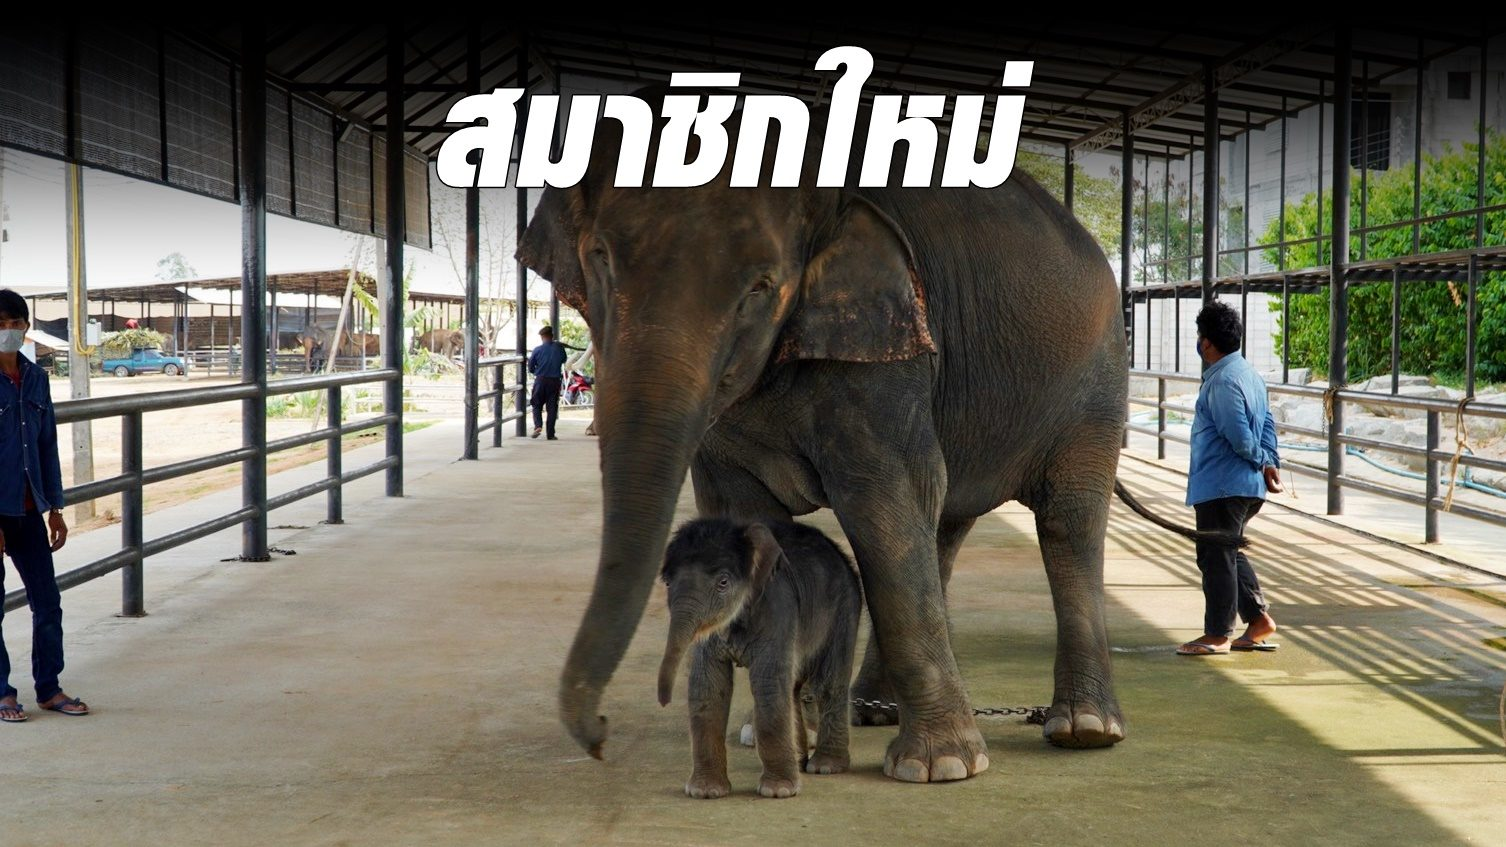 แม่ช้างสวนนงนุช คลอดลูกเชือกที่ 94 ตัวที่ 3 ของปี ตั้งชื่อ 'พังโสภา'